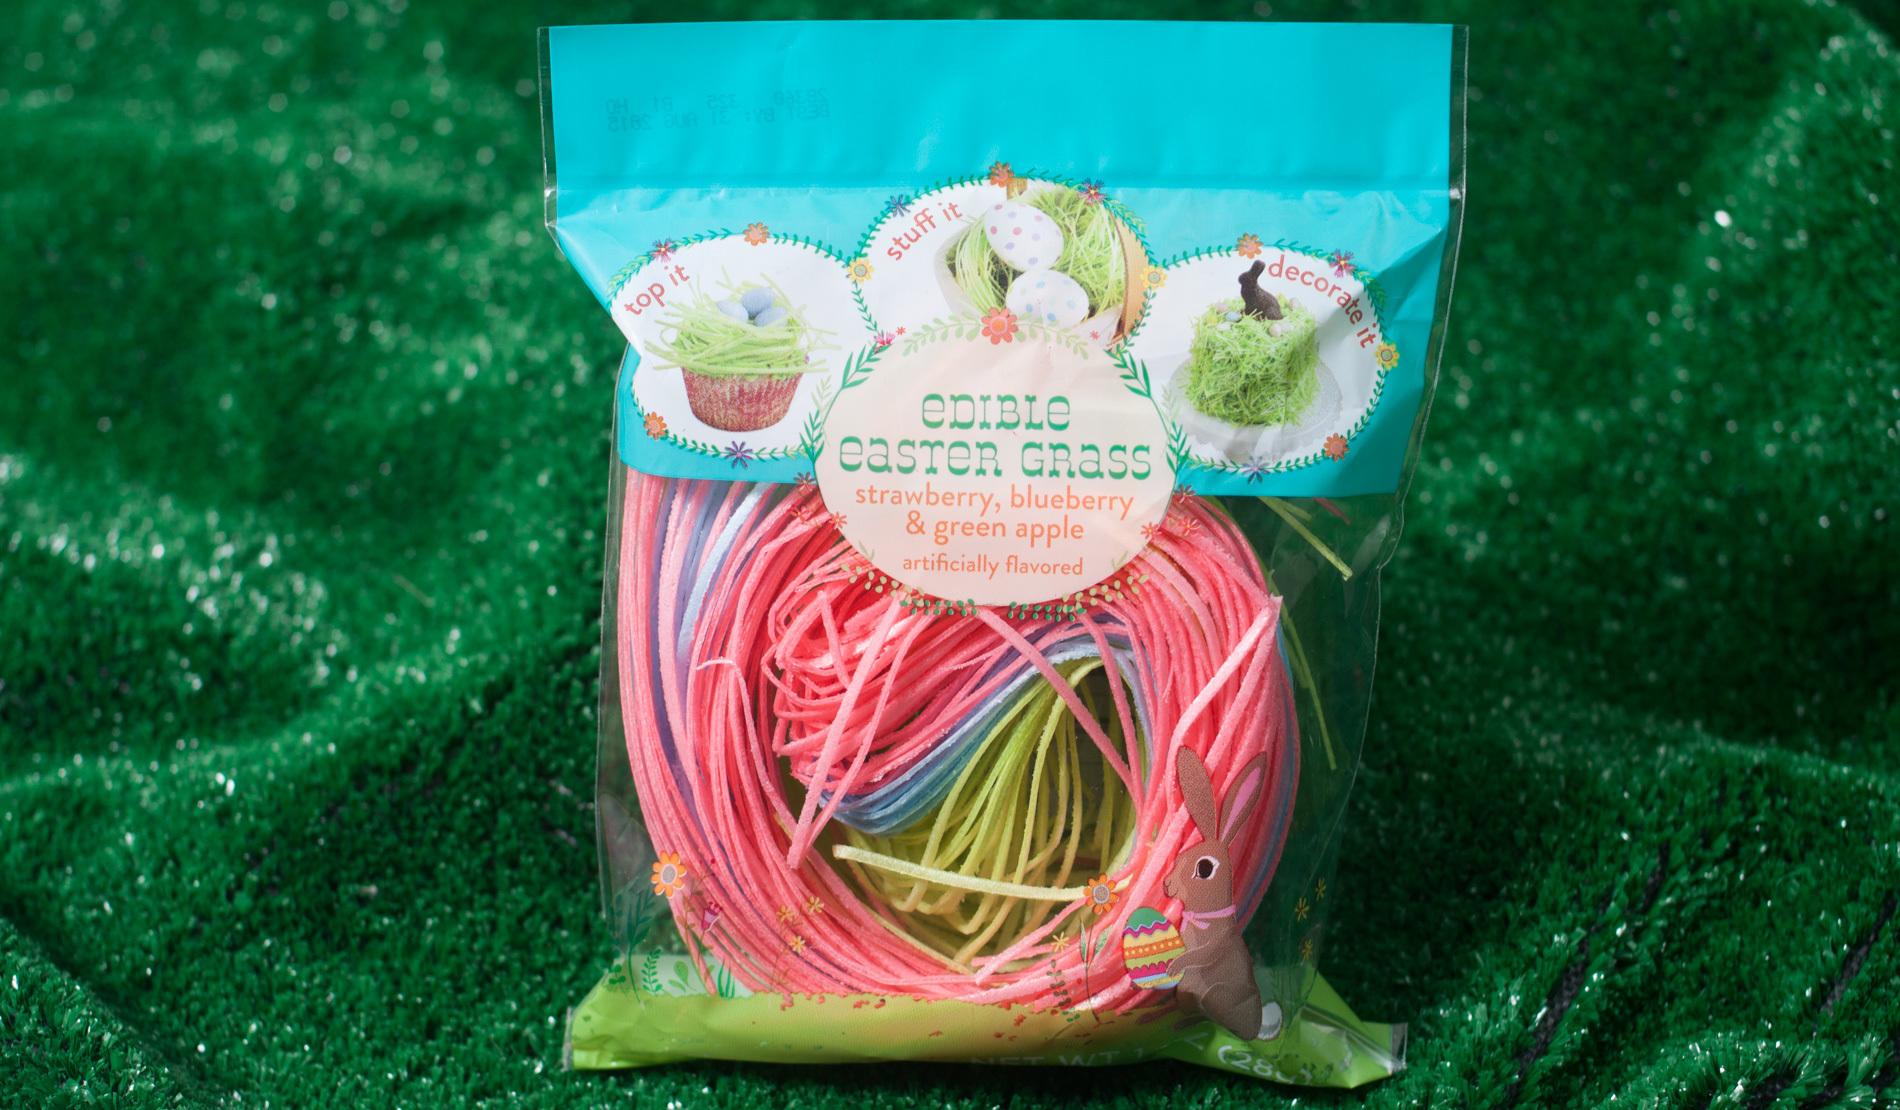 Edible Easter Grass, $1.99